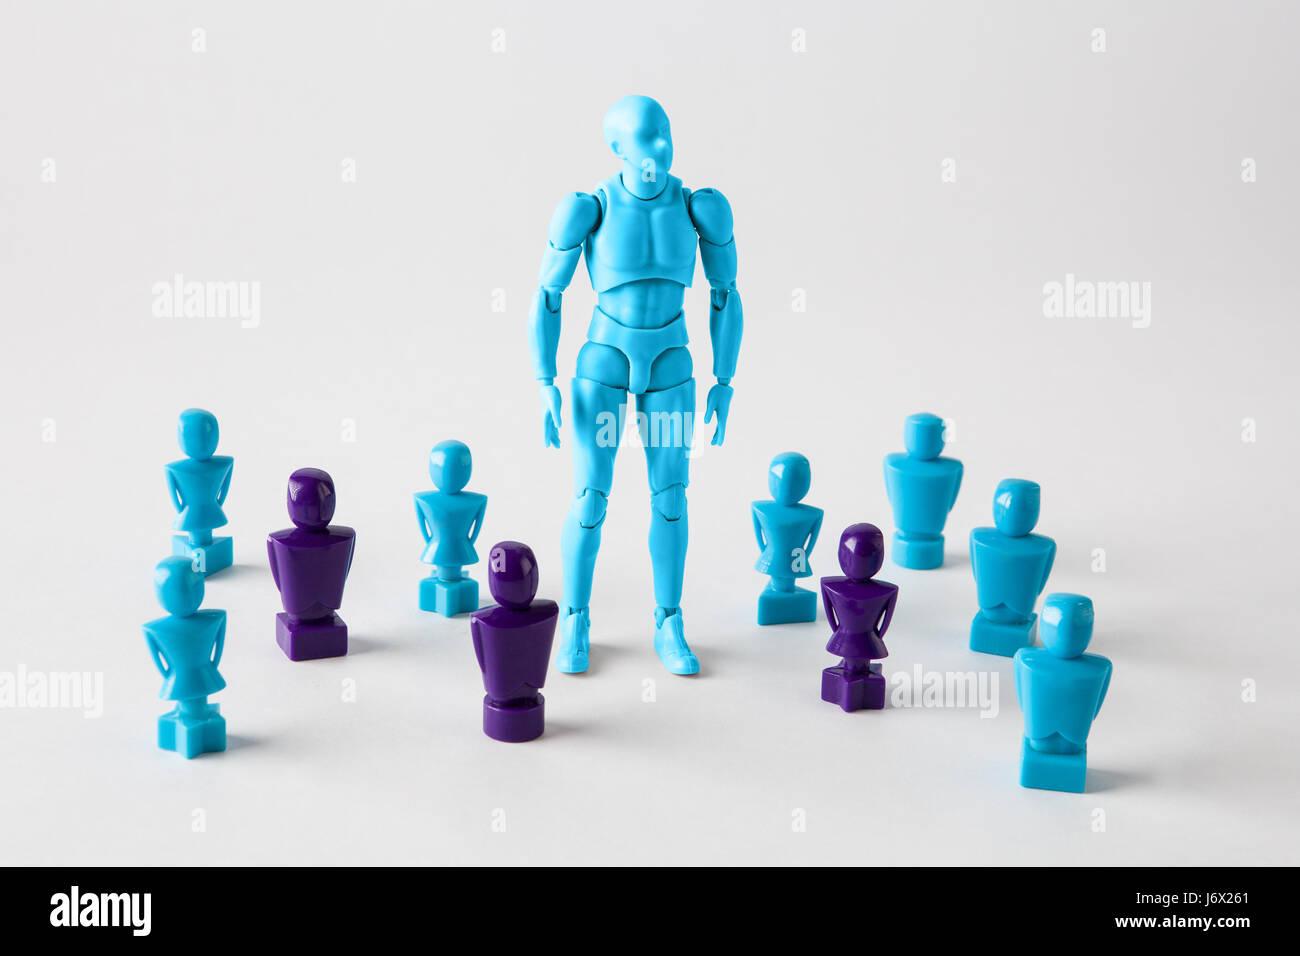 Figurilla masculina fuerte prestigio entre faceles lookalike figuritas. Búsqueda de la identidad, destacan Imagen De Stock